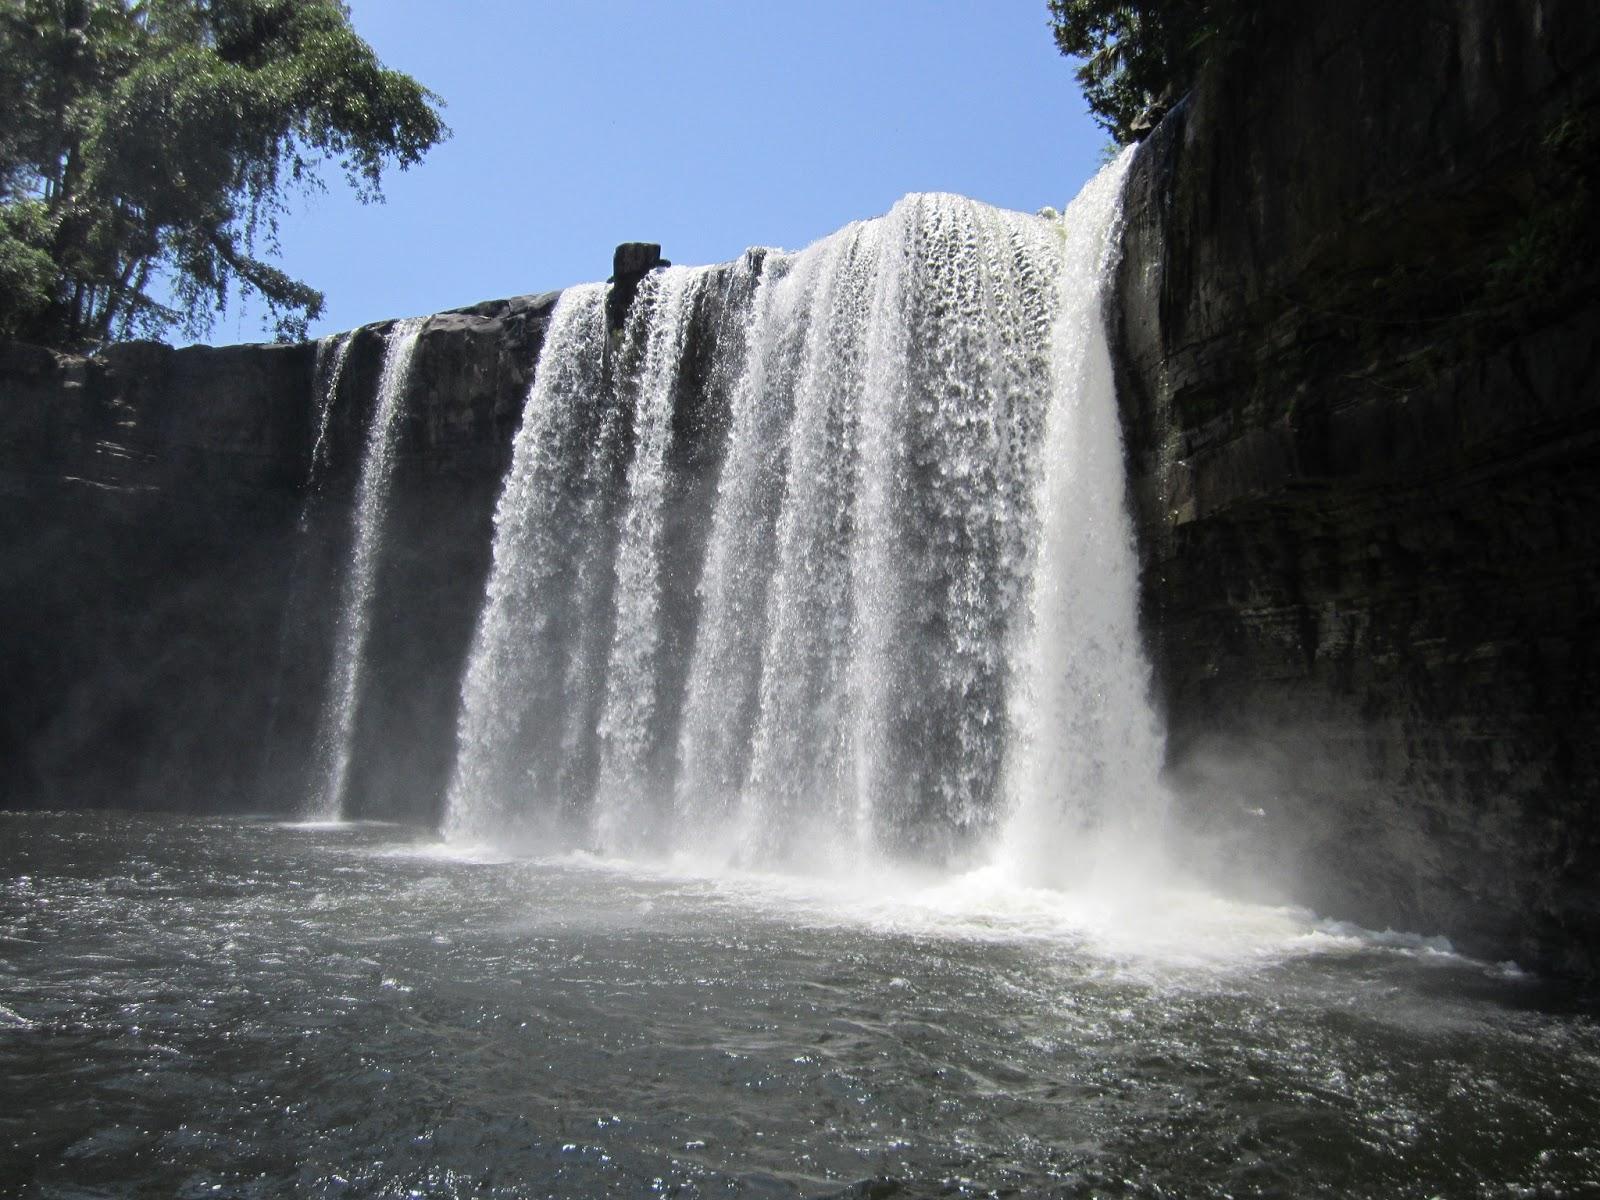 5 daftar tempat wisata di singkawang kalimantan barat yang wajib dikunjungi